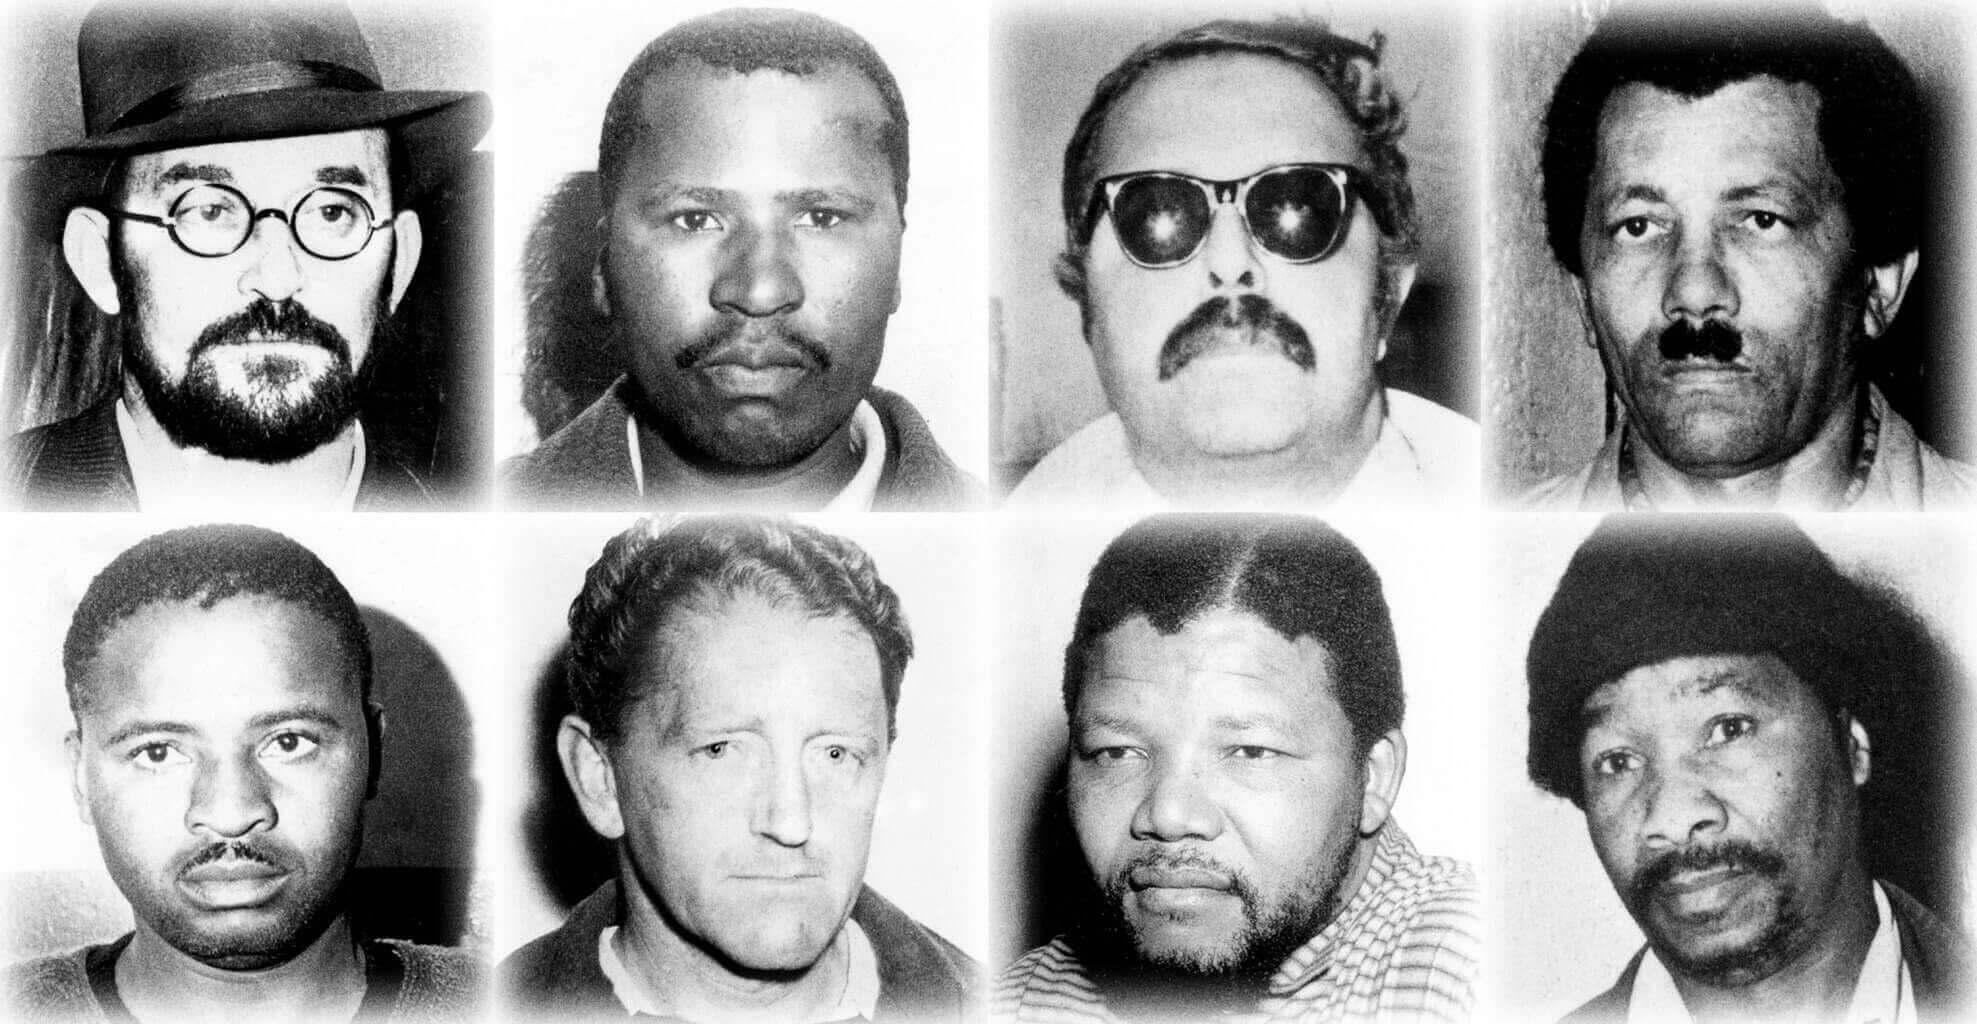 Les huit condamnés du procès de la ferme de Rivonia ; Nelson Mandela est en bas, le second en partant de la droite.